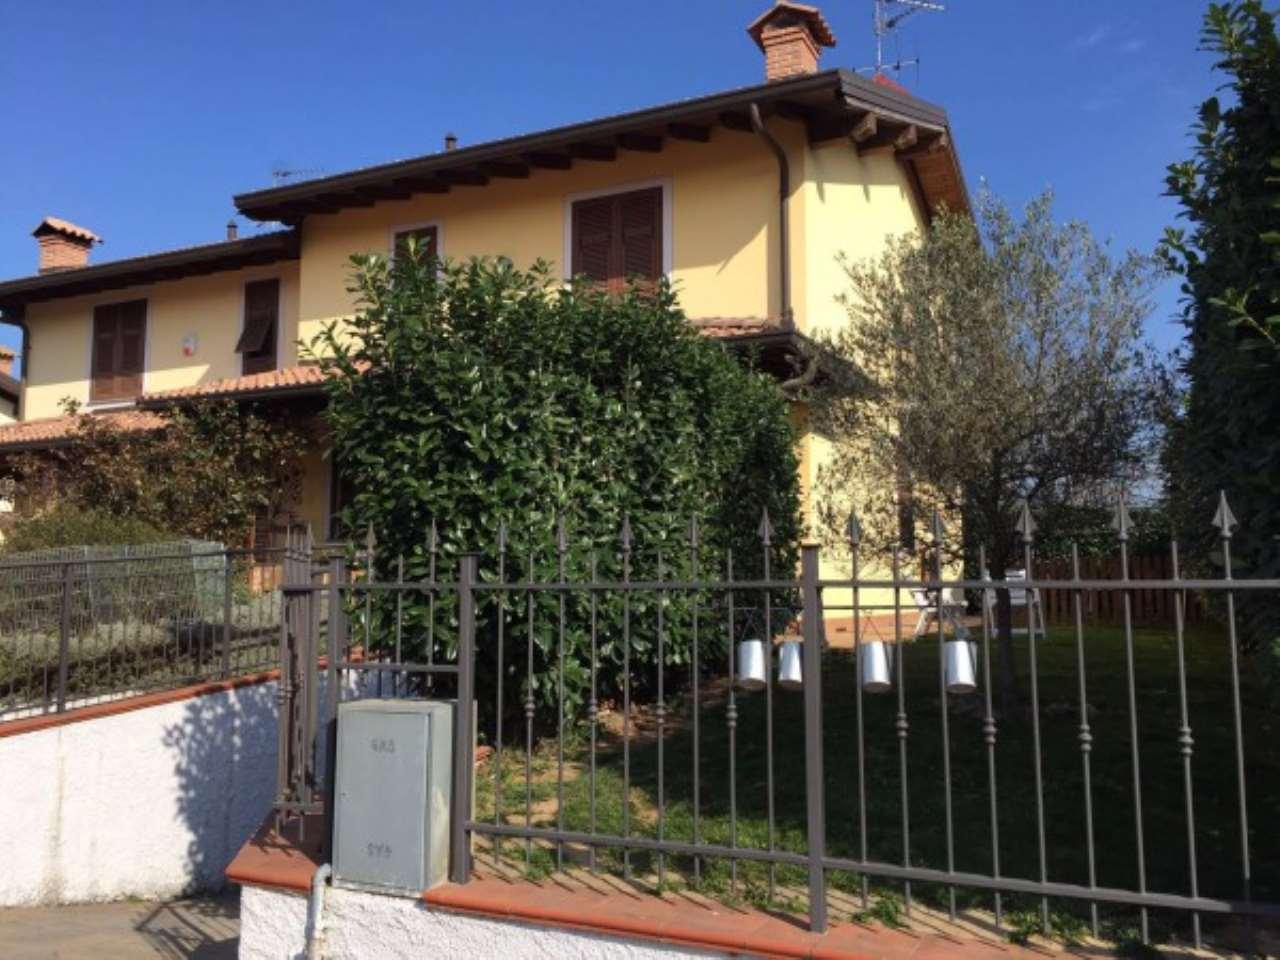 Villa in vendita a Pasturana, 6 locali, prezzo € 295.000 | Cambio Casa.it